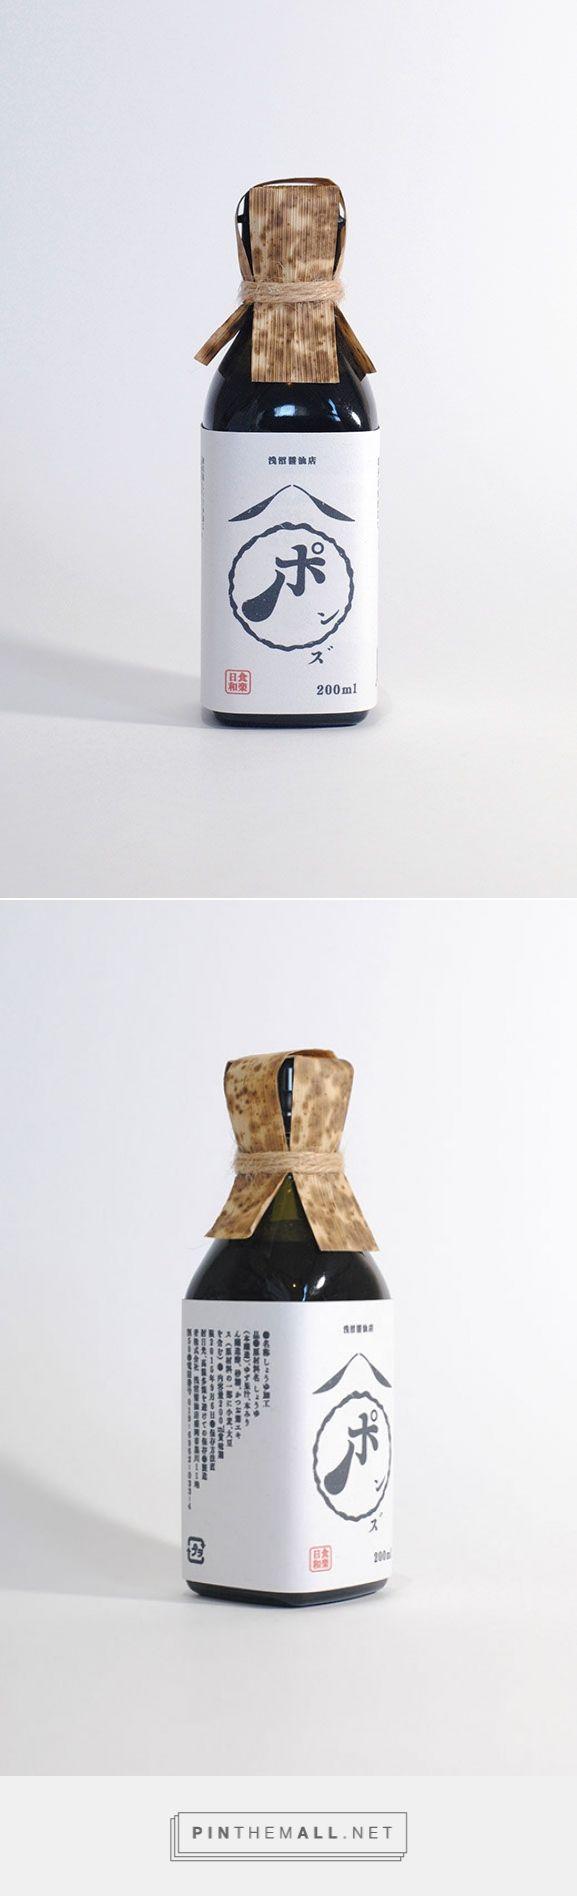 浅沼醤油店の食楽ポン酢のパッケージデザインを制作しました。デザインの軸はゆずと葉っぱです。またポン酢の「ポン」という擬音に着目し強調しました。美味しい東北JAGADA 学生優秀賞。 PD